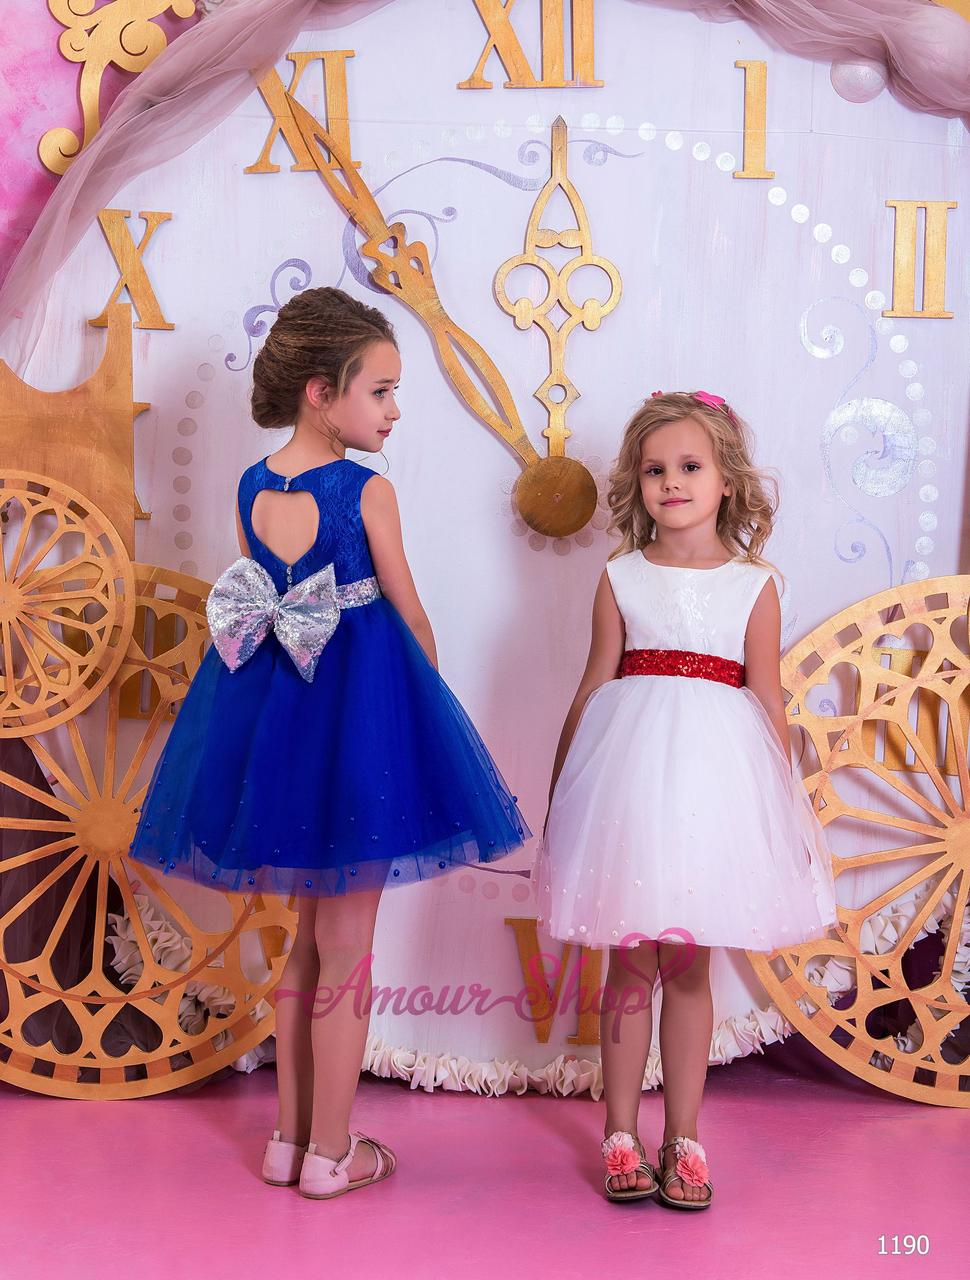 Дитяче нарядне плаття на дівчинку 4,5,6,7,8,9,10,11 років (випускний, в садочок, 4 клас), 1190